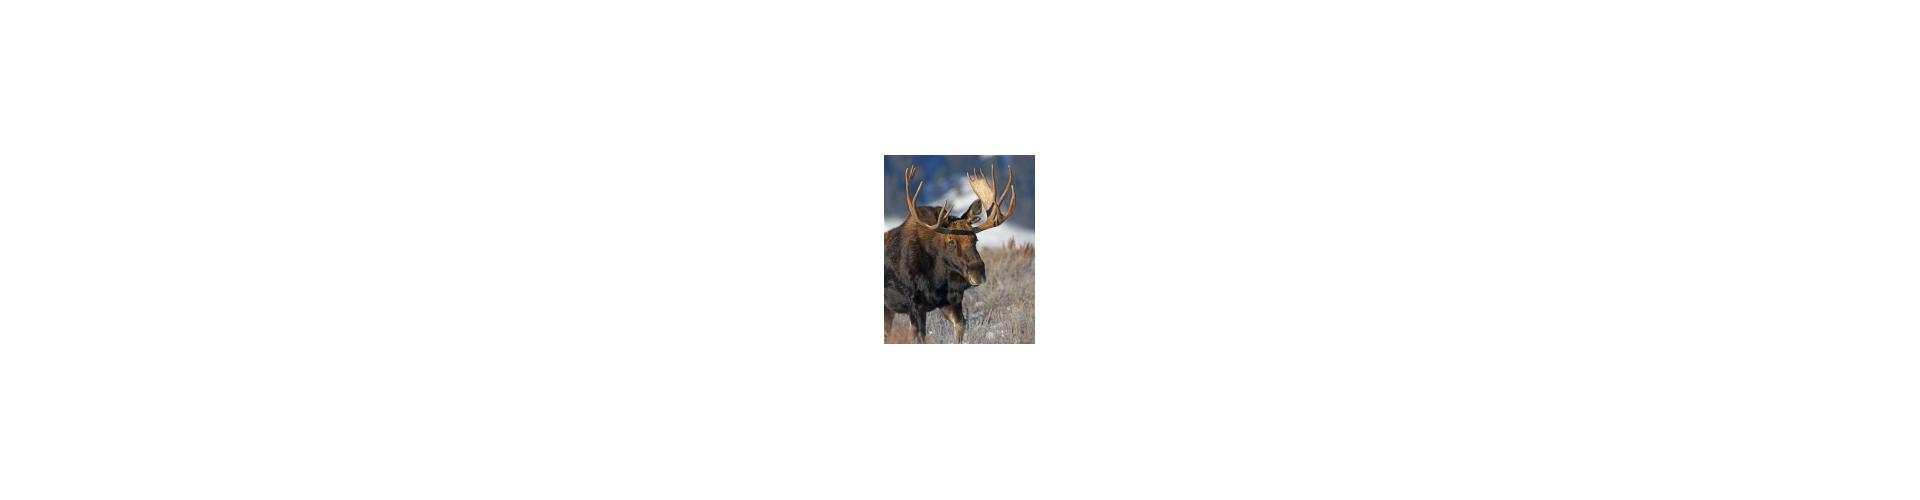 Lokkemiddel elg - Køb elg lokkemidler til gode priser hos os - Hurtig fragt